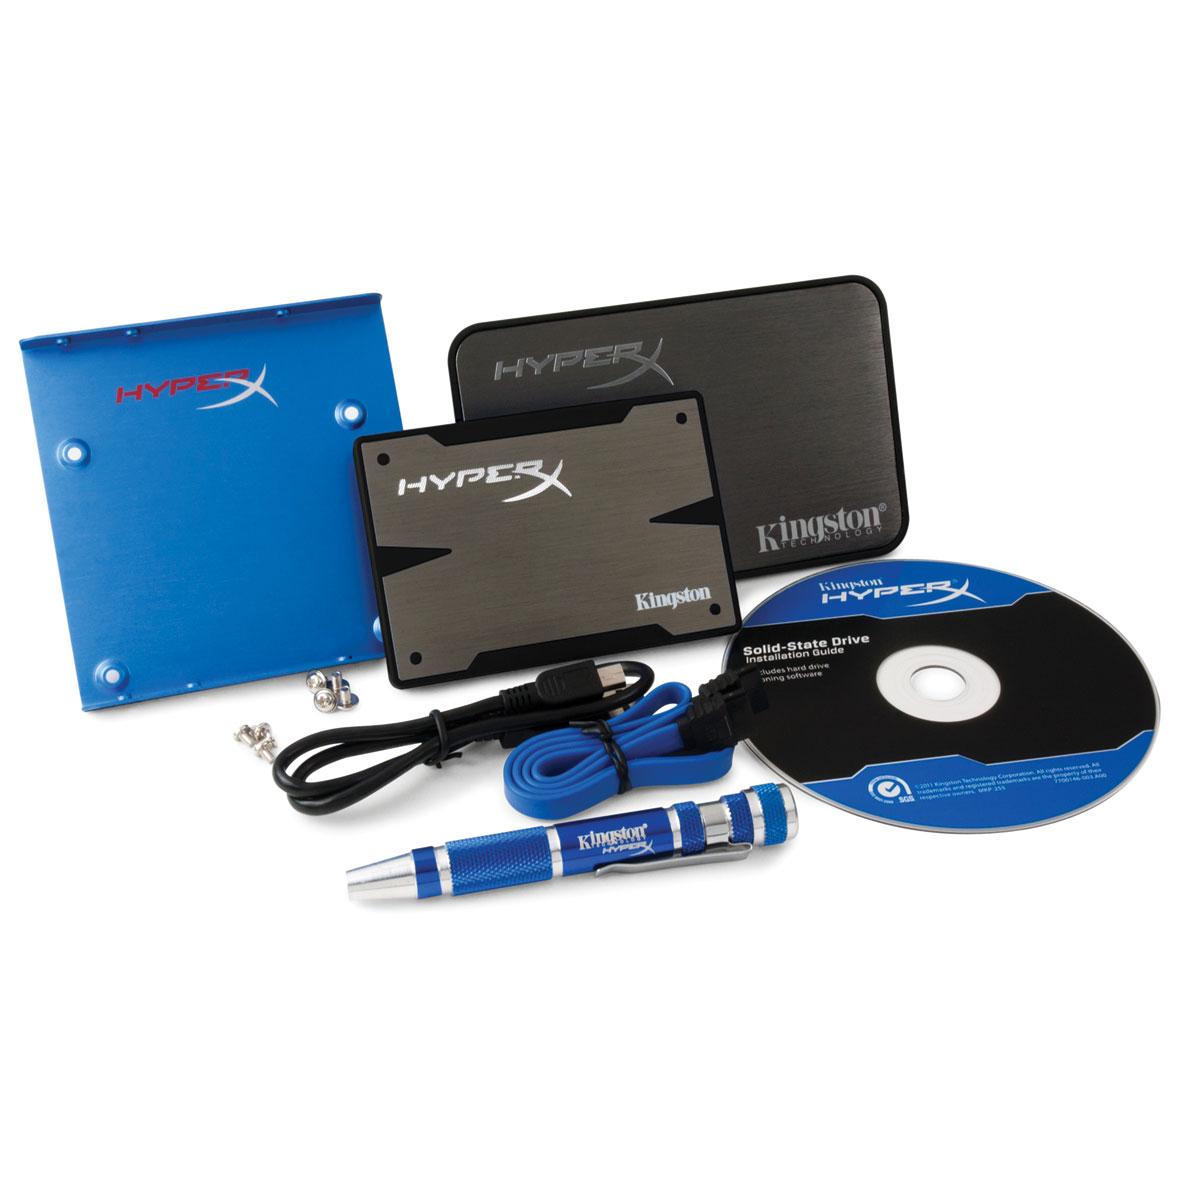 """Disque SSD Kingston HyperX 3K SSD Series 240 Go Kit Upgrade SSD 240 Go 2.5"""" Serial ATA 6Gb/s avec Kit pour PC de bureau et PC Portable"""